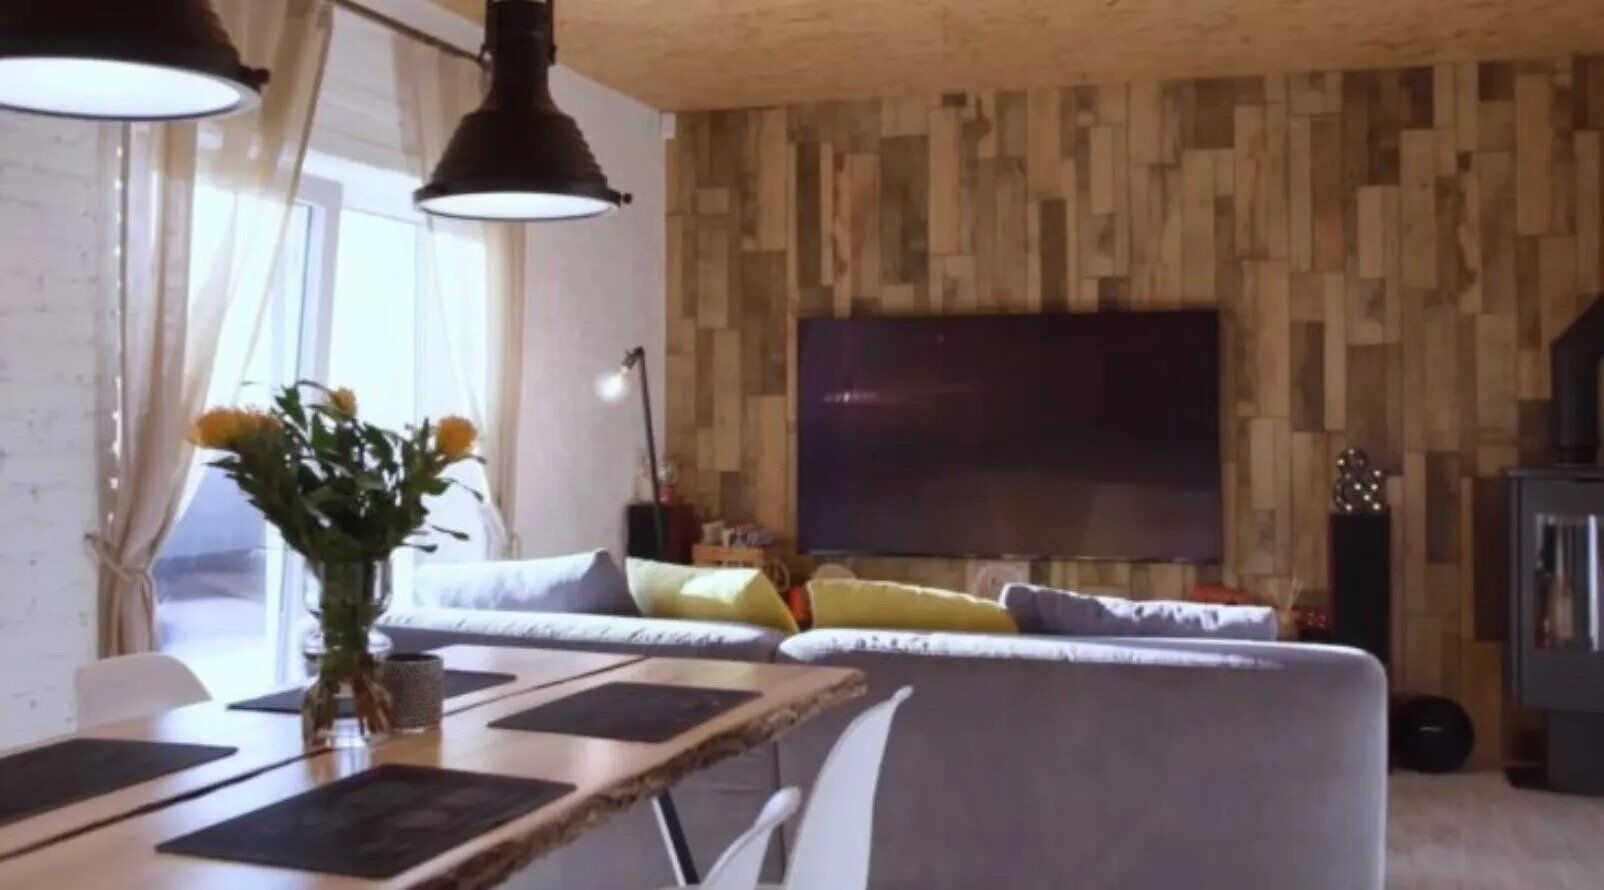 """У Сердючки квартири на Хрещатику, а у Кароль – """"хрущовка"""" в особняк: скільки заробляють і як живуть зірки"""